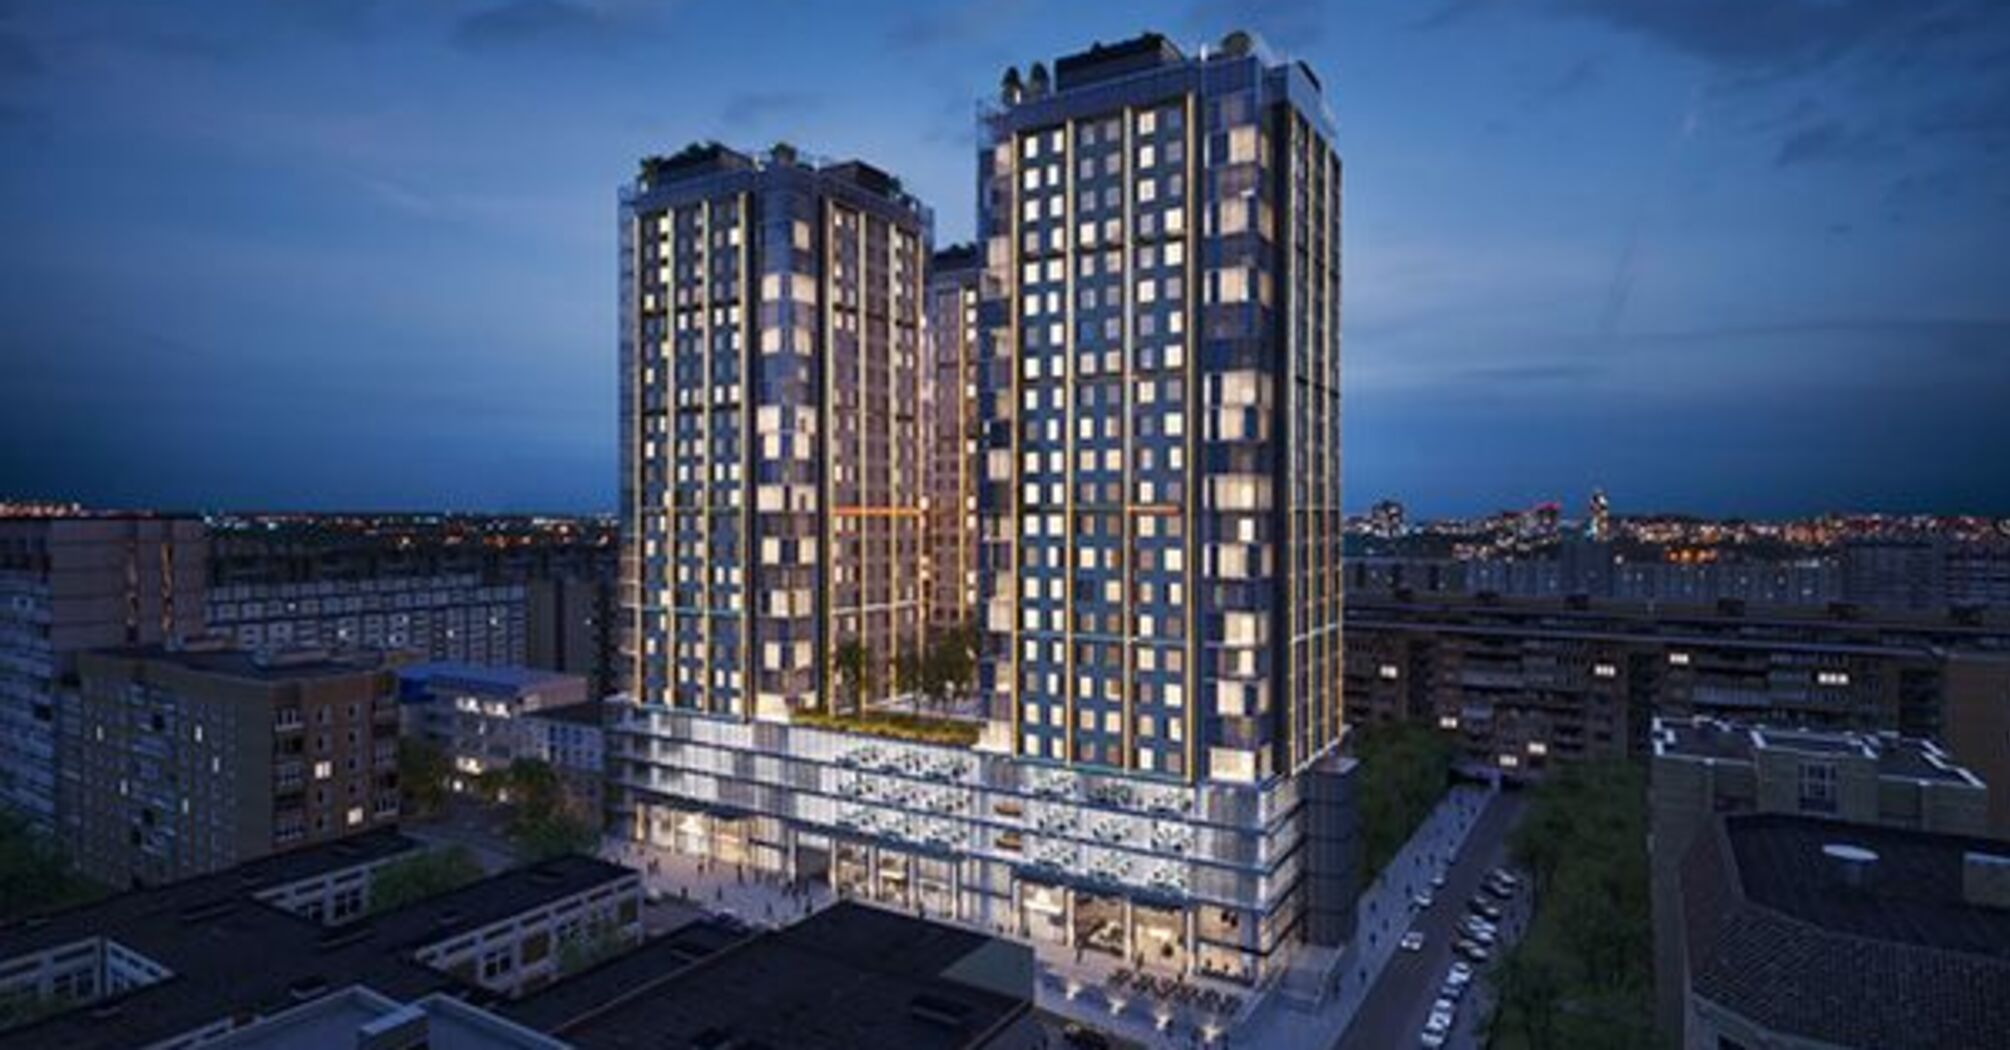 Ціна на нерухомість в Києві підвищиться до європейських рівнів.